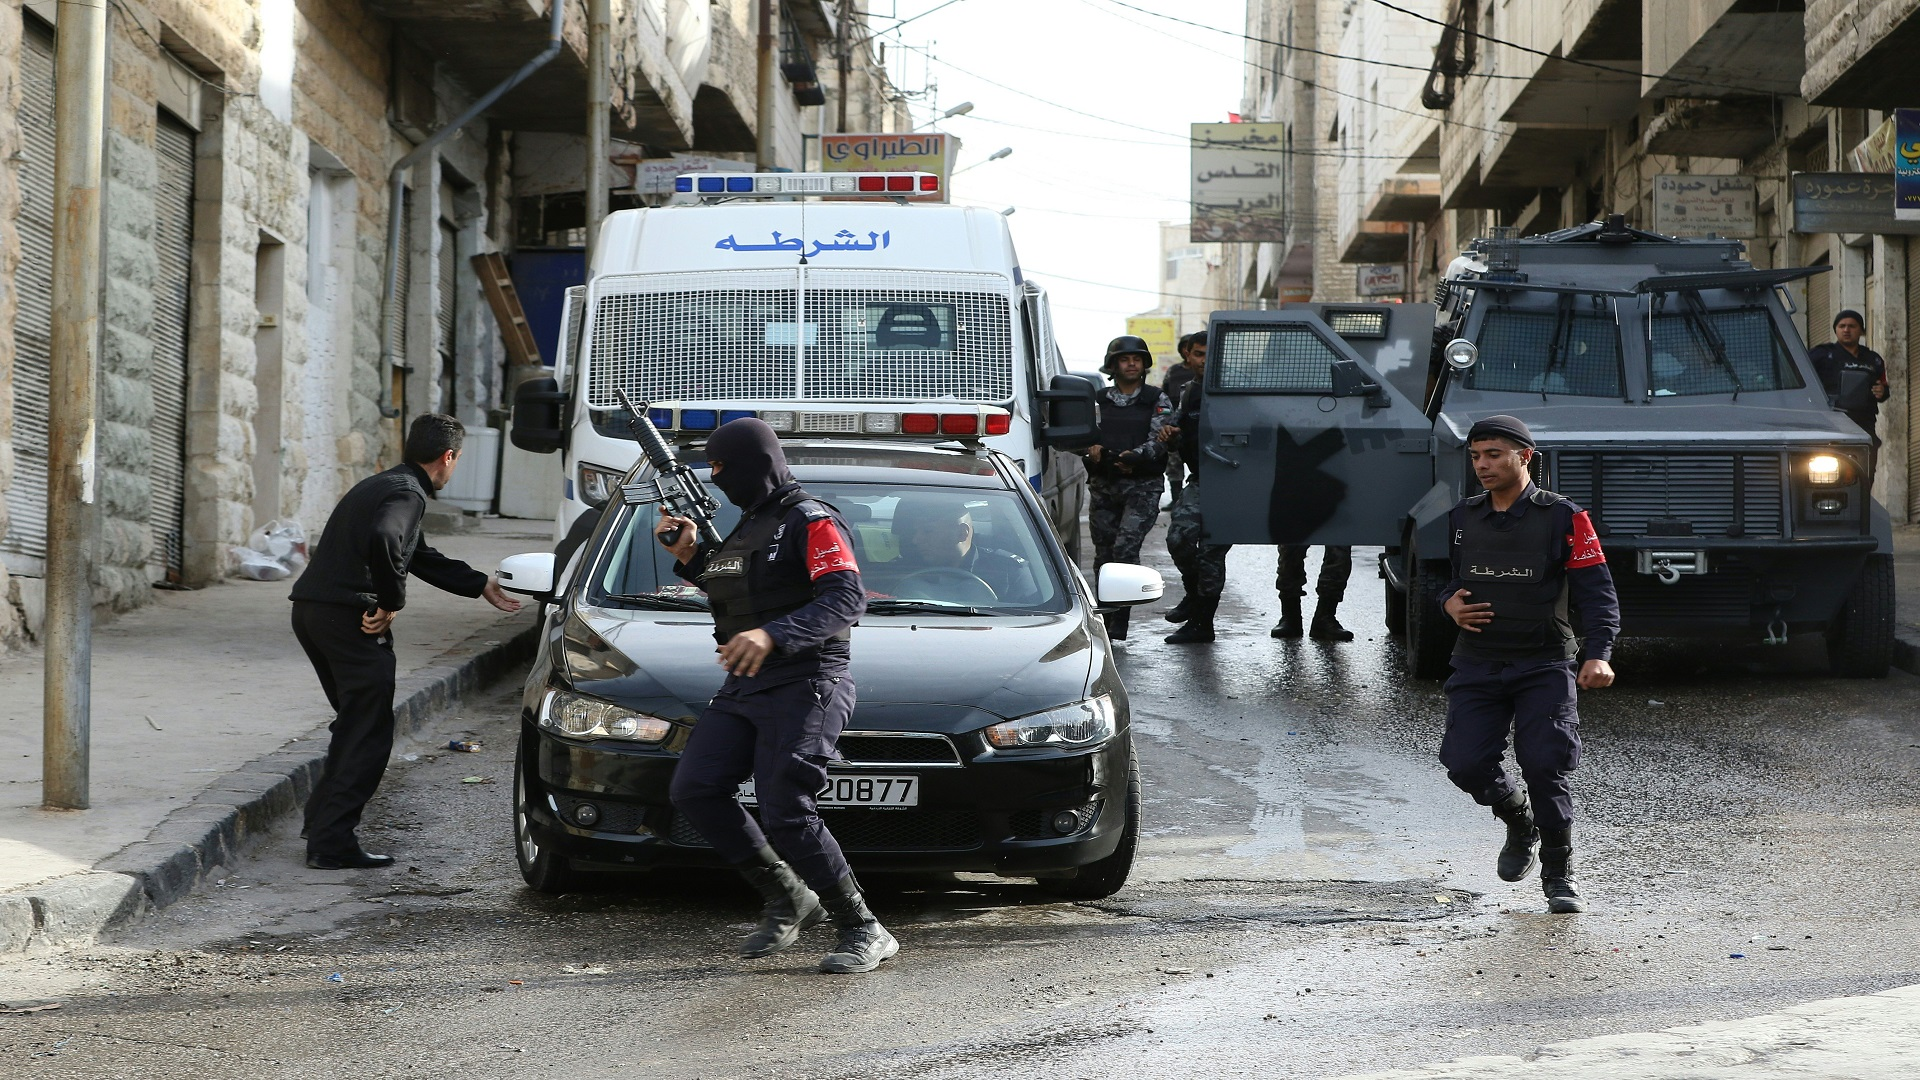 الأمن الأردني يحقق مع منفذي جريمة الزرقاء ويونيسف تستنكرها